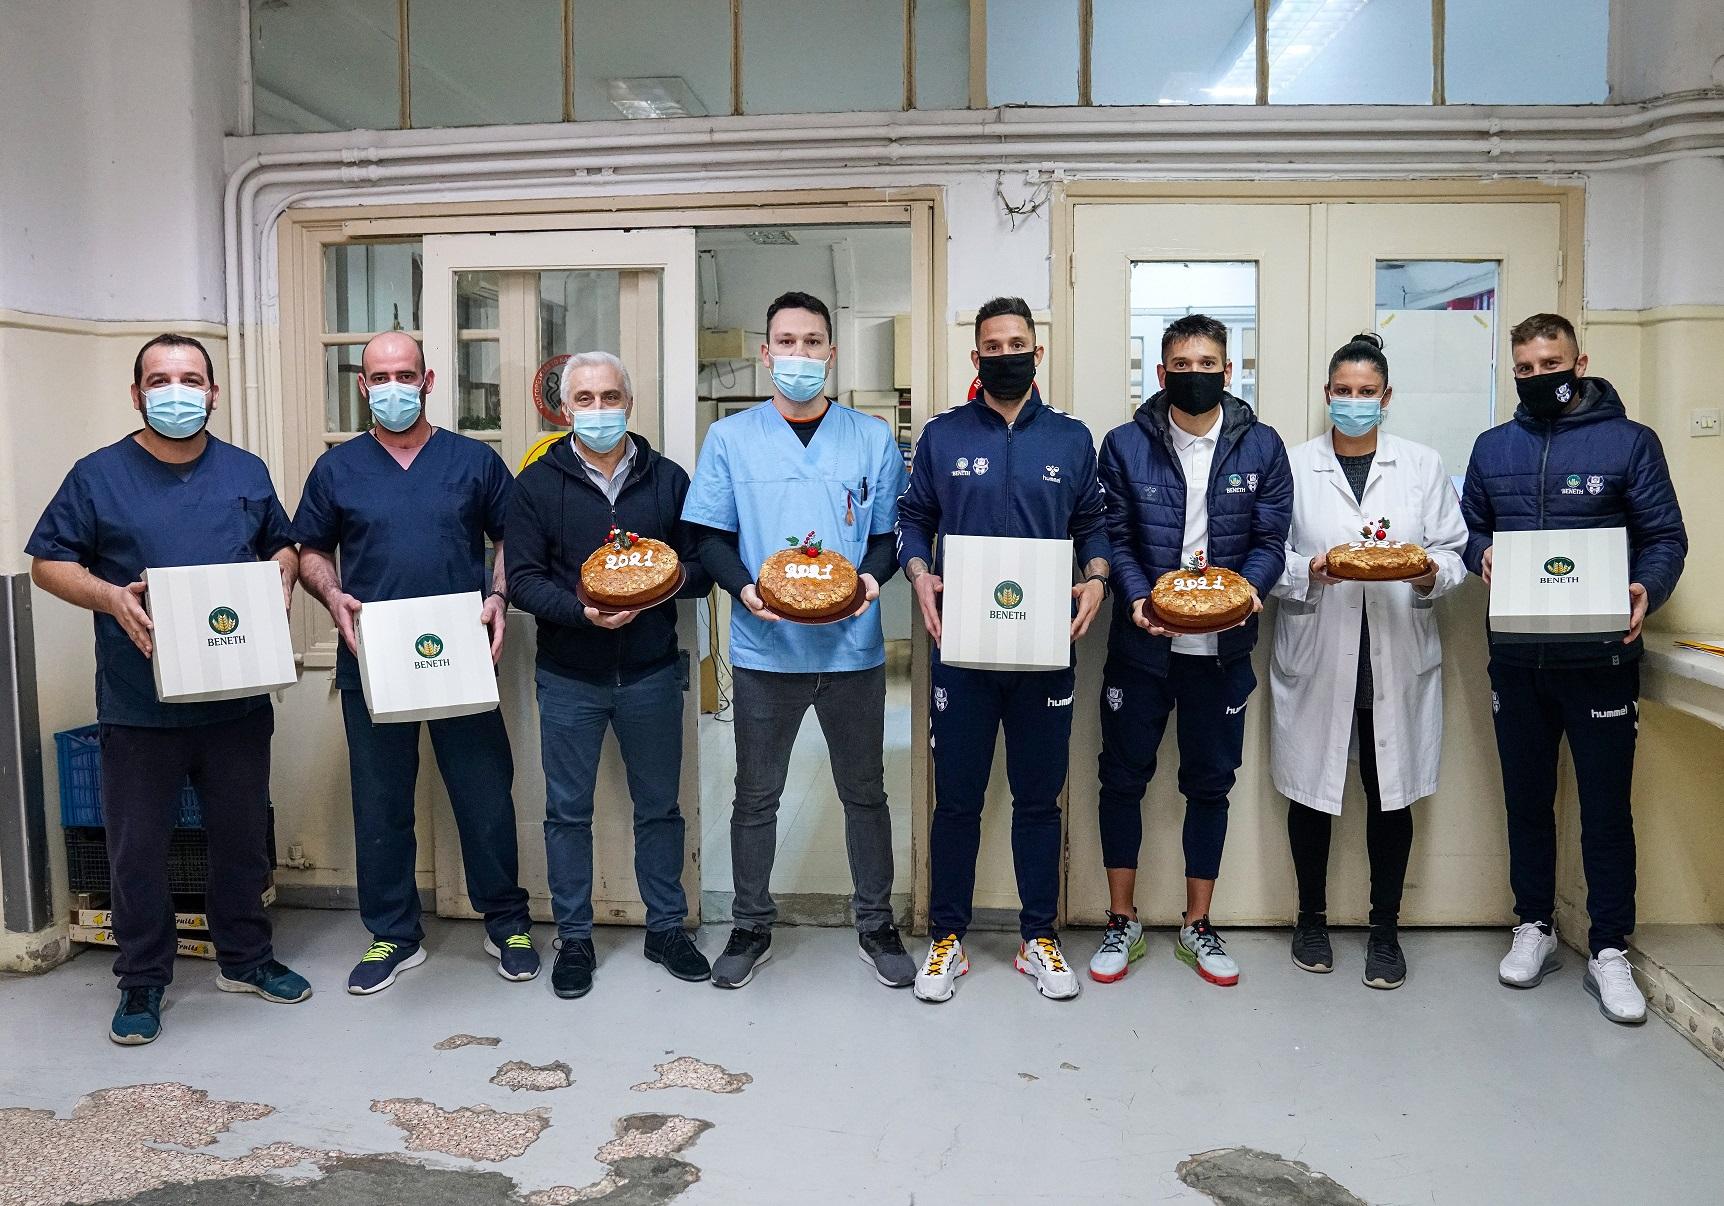 Προσωπικό του νοσοκομείου ΕΥΑΓΓΕΛΙΣΜΟΣ με αντιπροσωπεια παικ΄των της ΠΑΕ Απολλων Σμύρνης